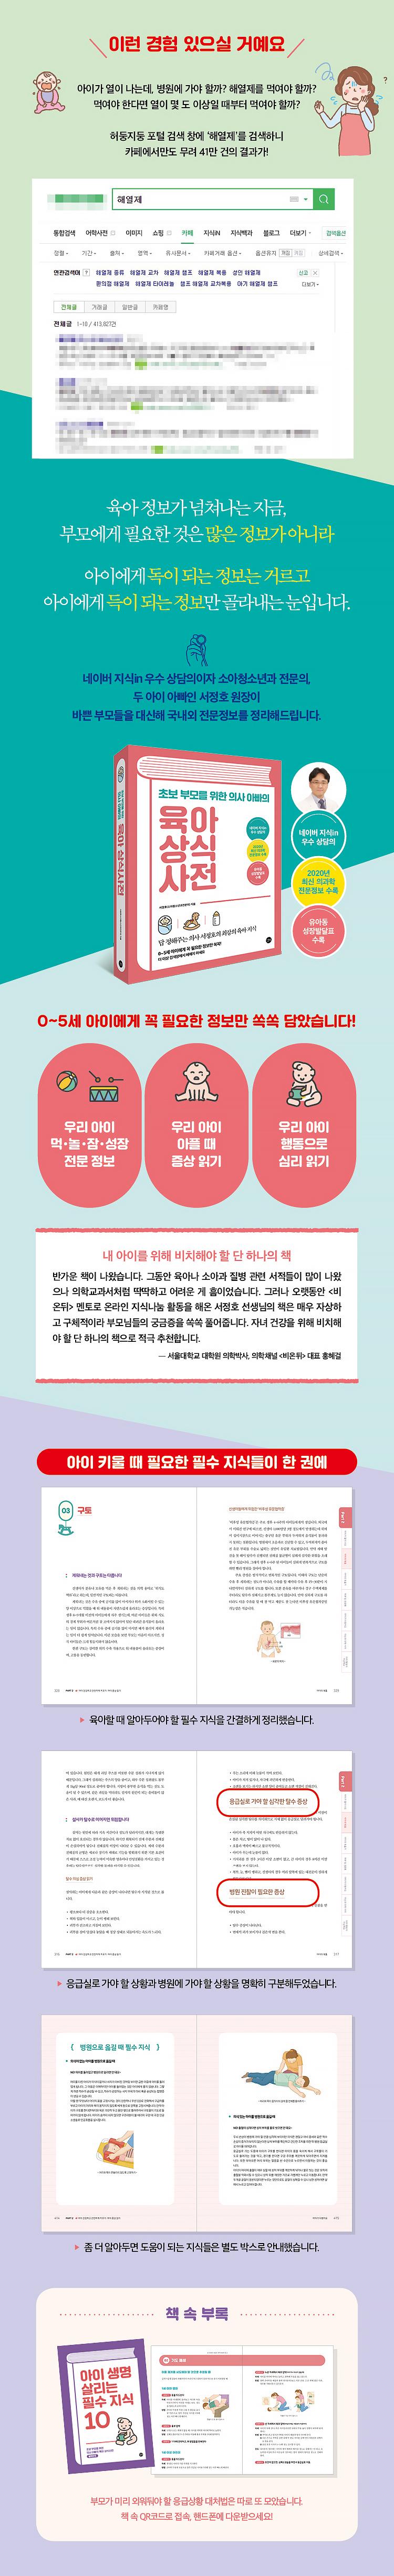 육아 상식사전 소개